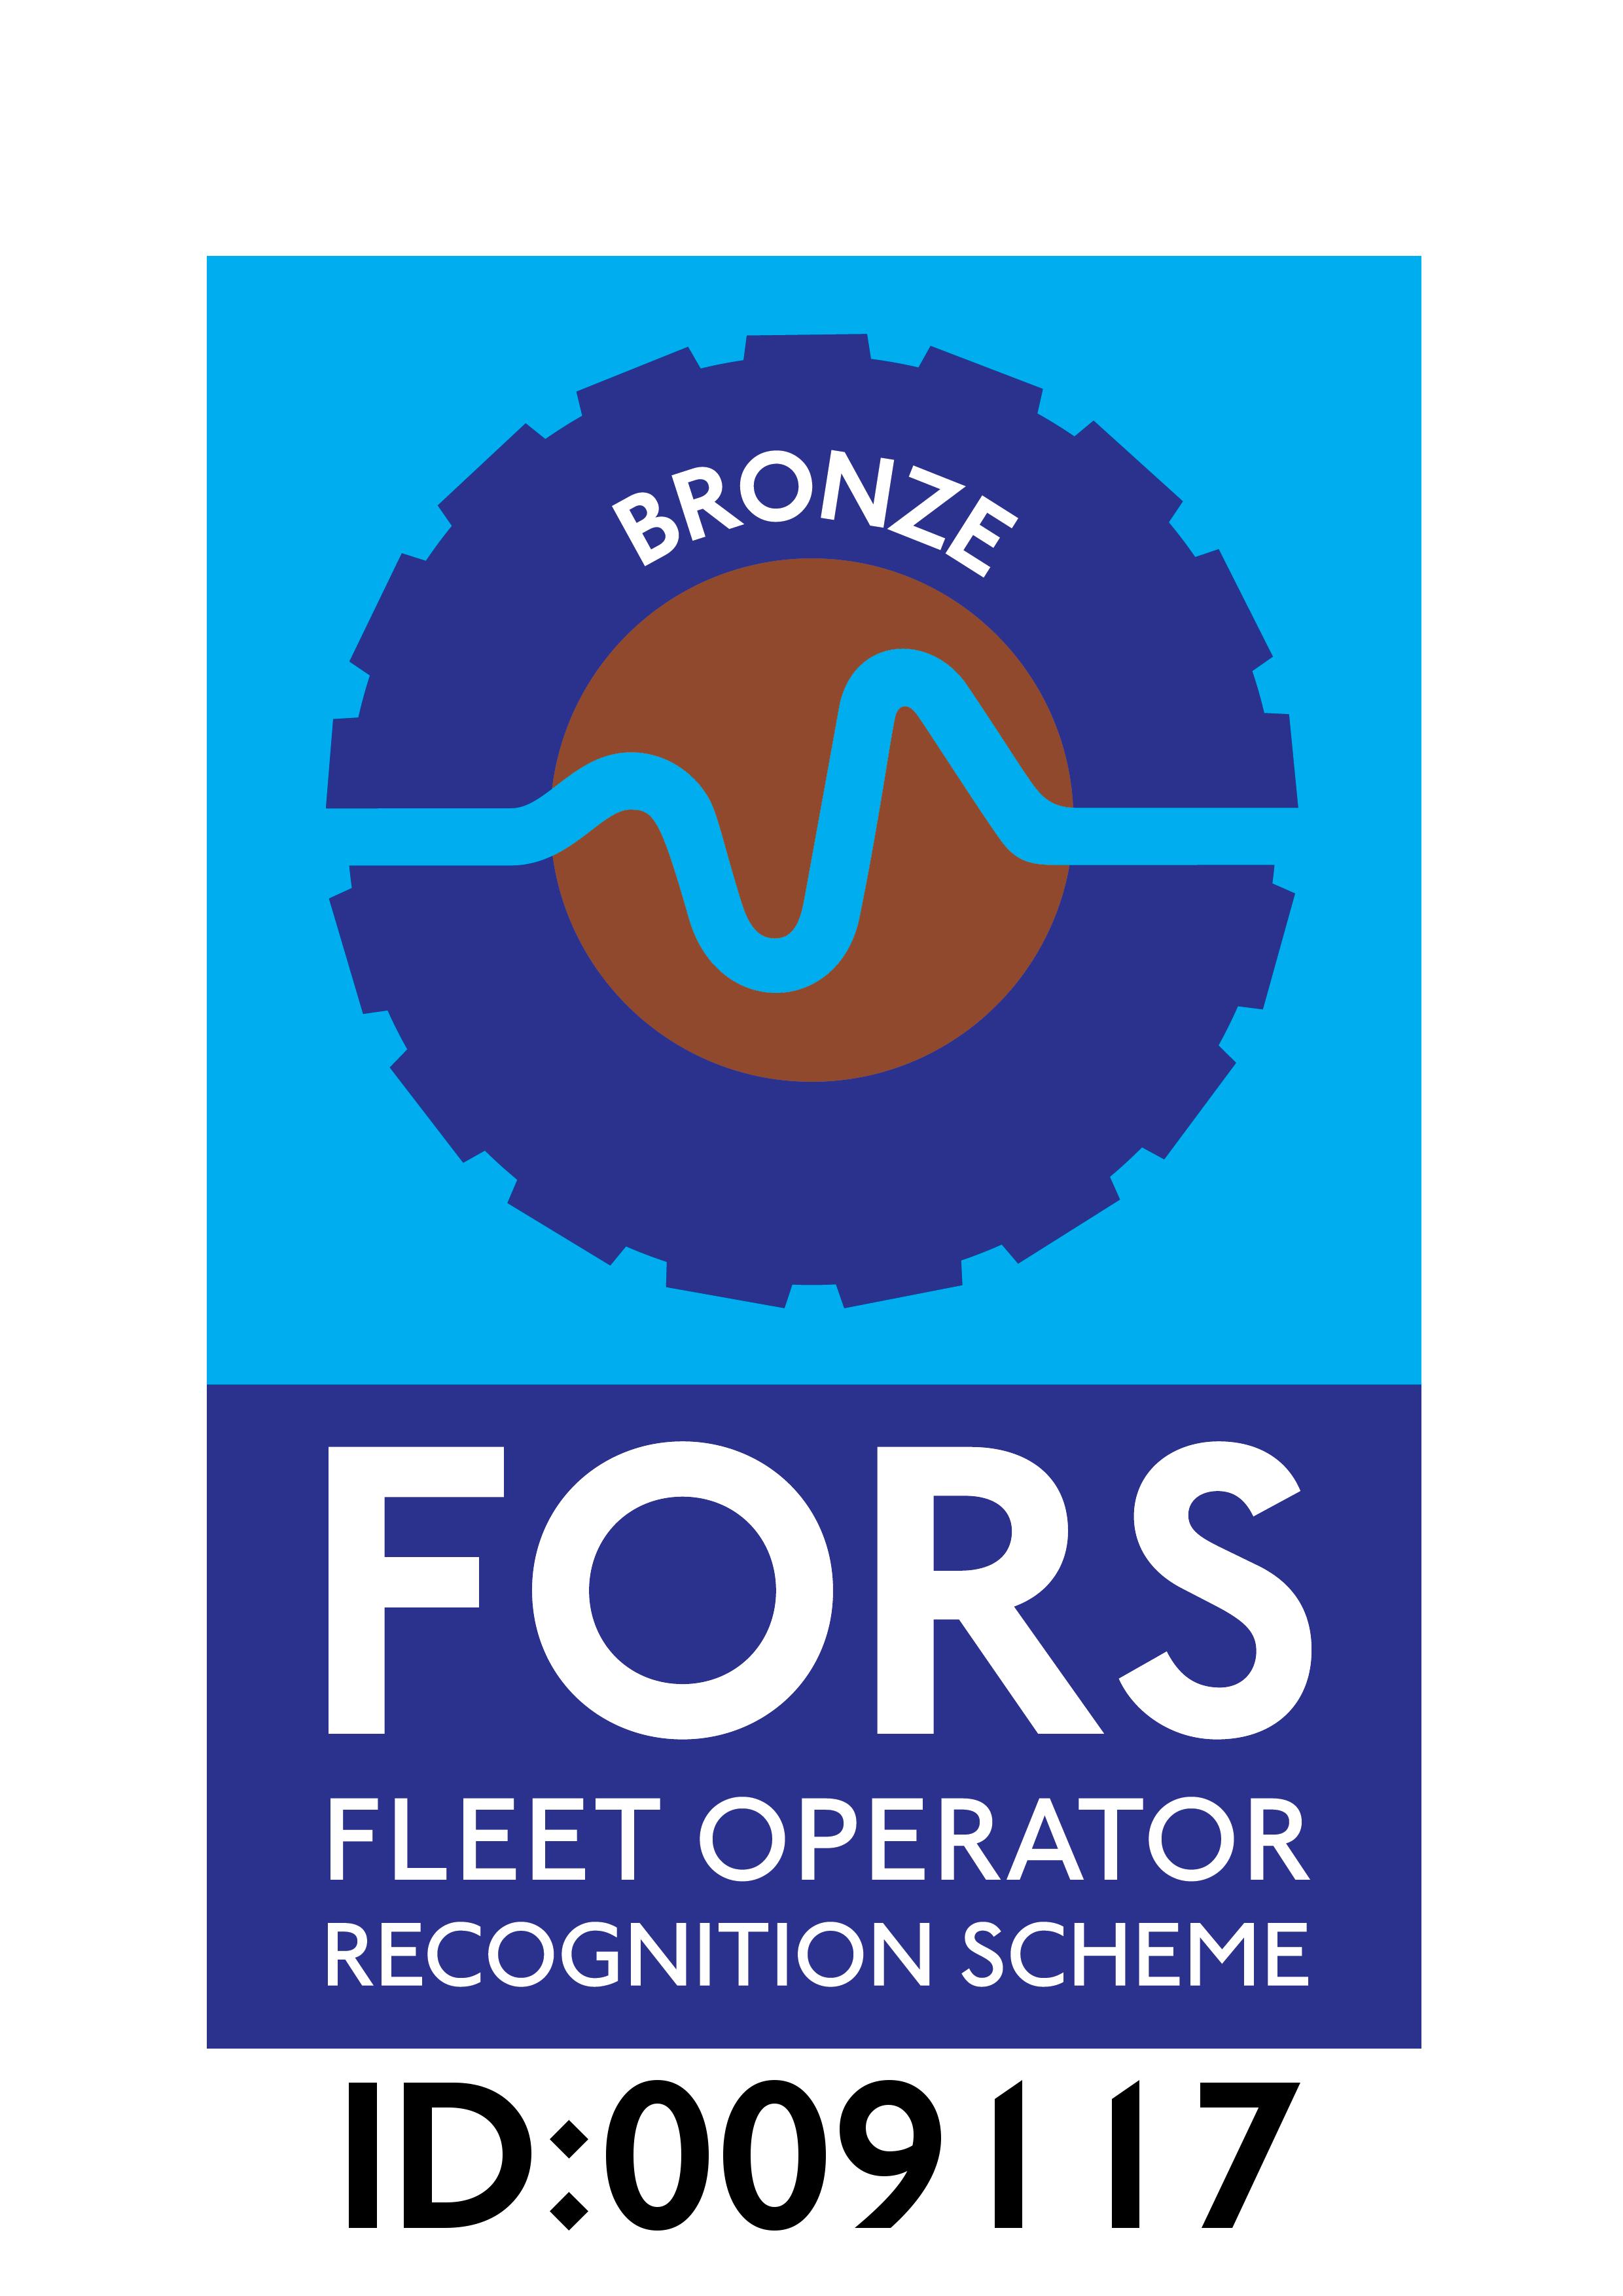 009117 FORS bronze logo